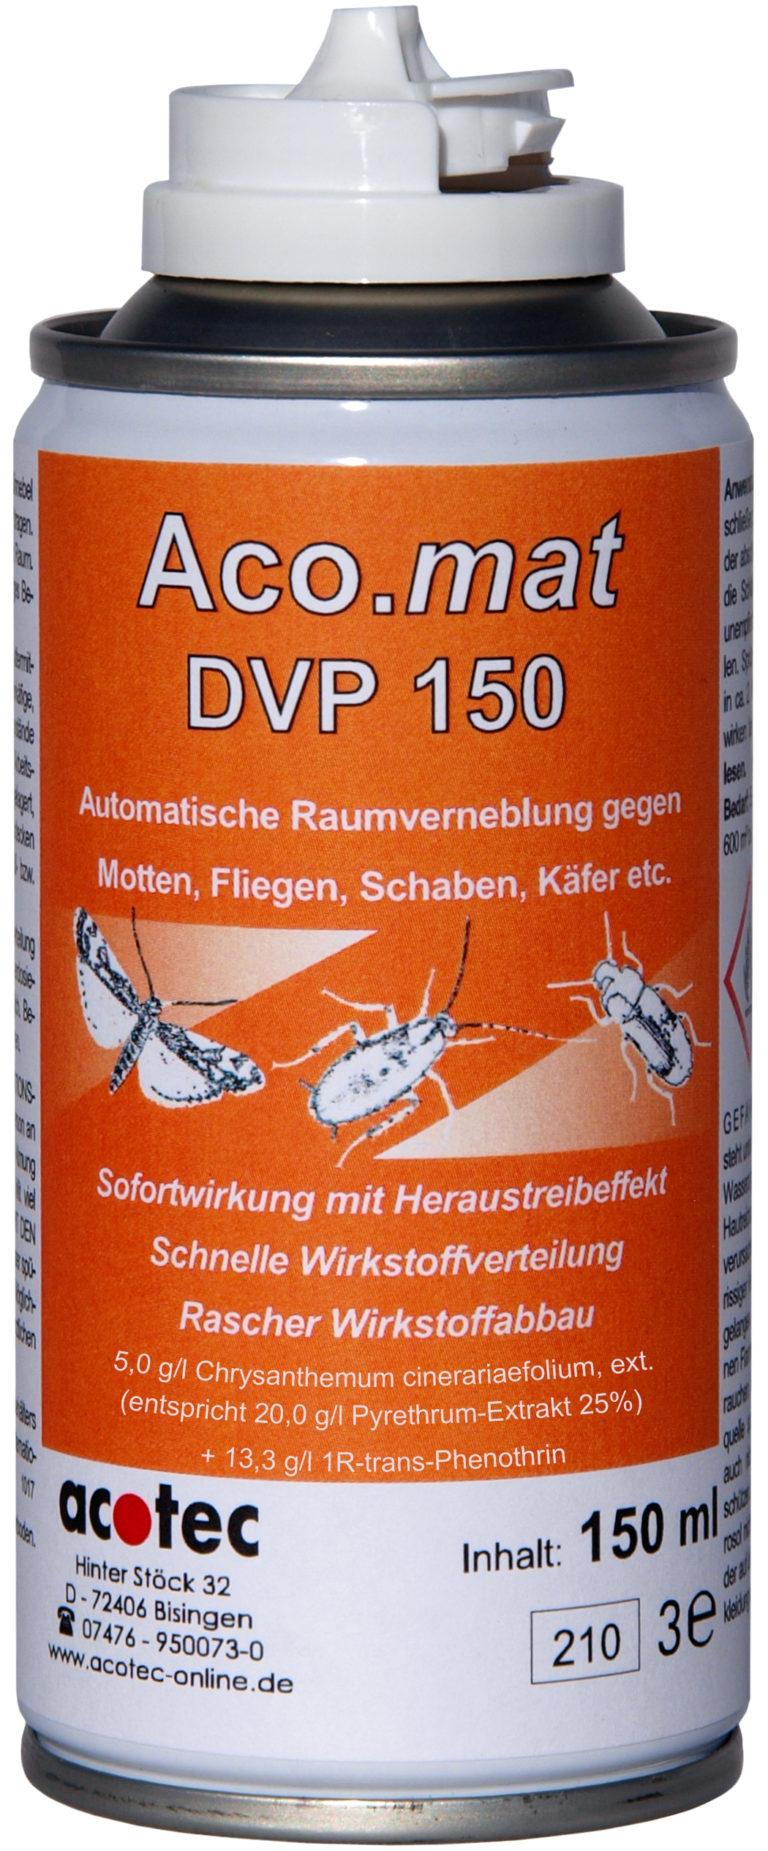 Aco.mat Trockennebelautomat DVP